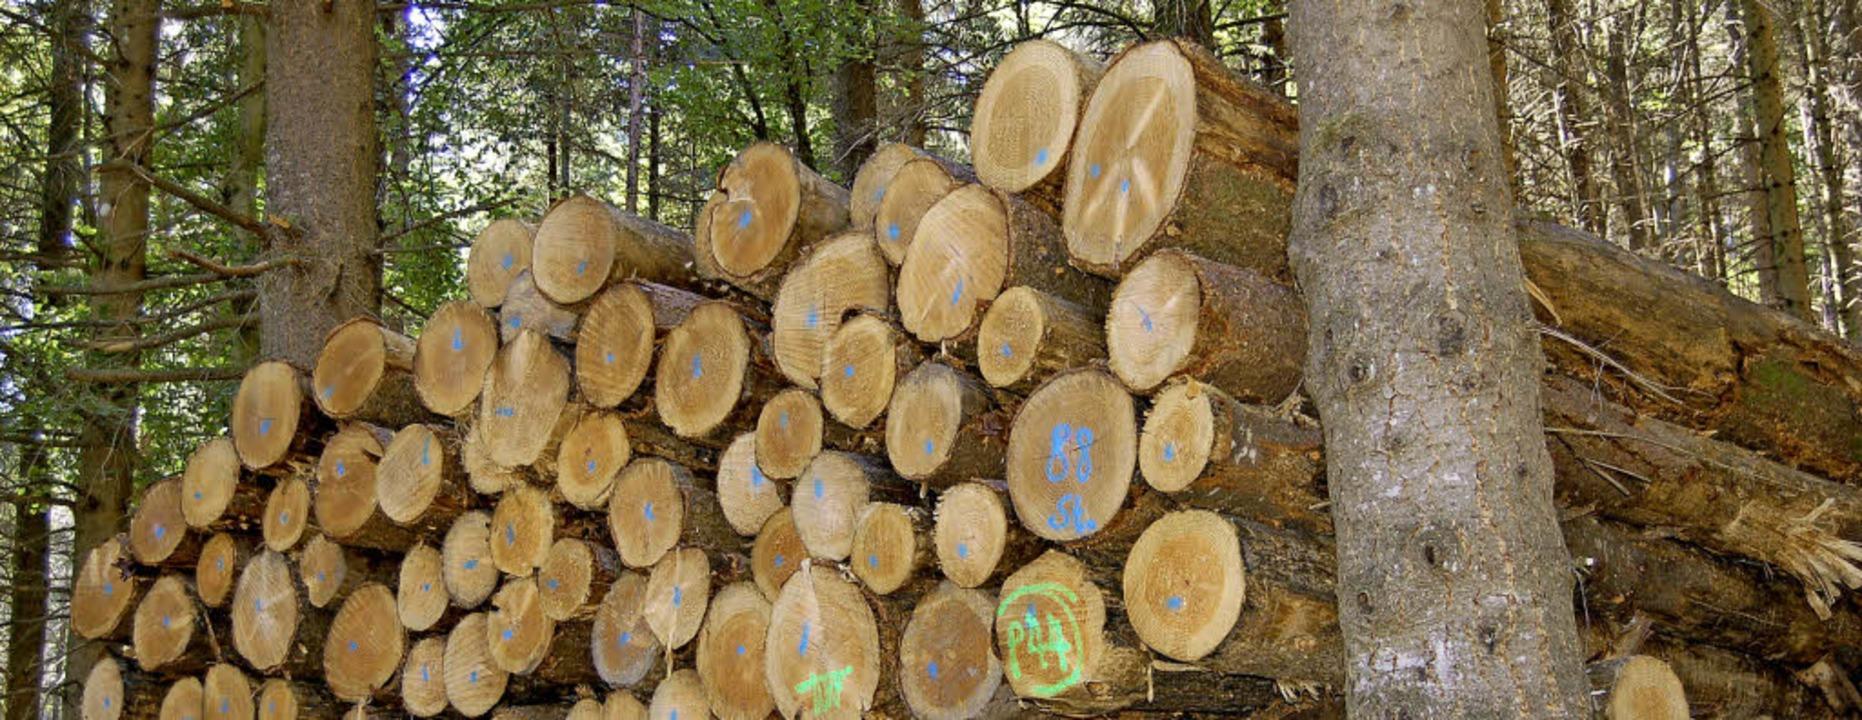 Kein Staat Mehr Beim Holzverkauf Zell Im Wiesental Badische Zeitung